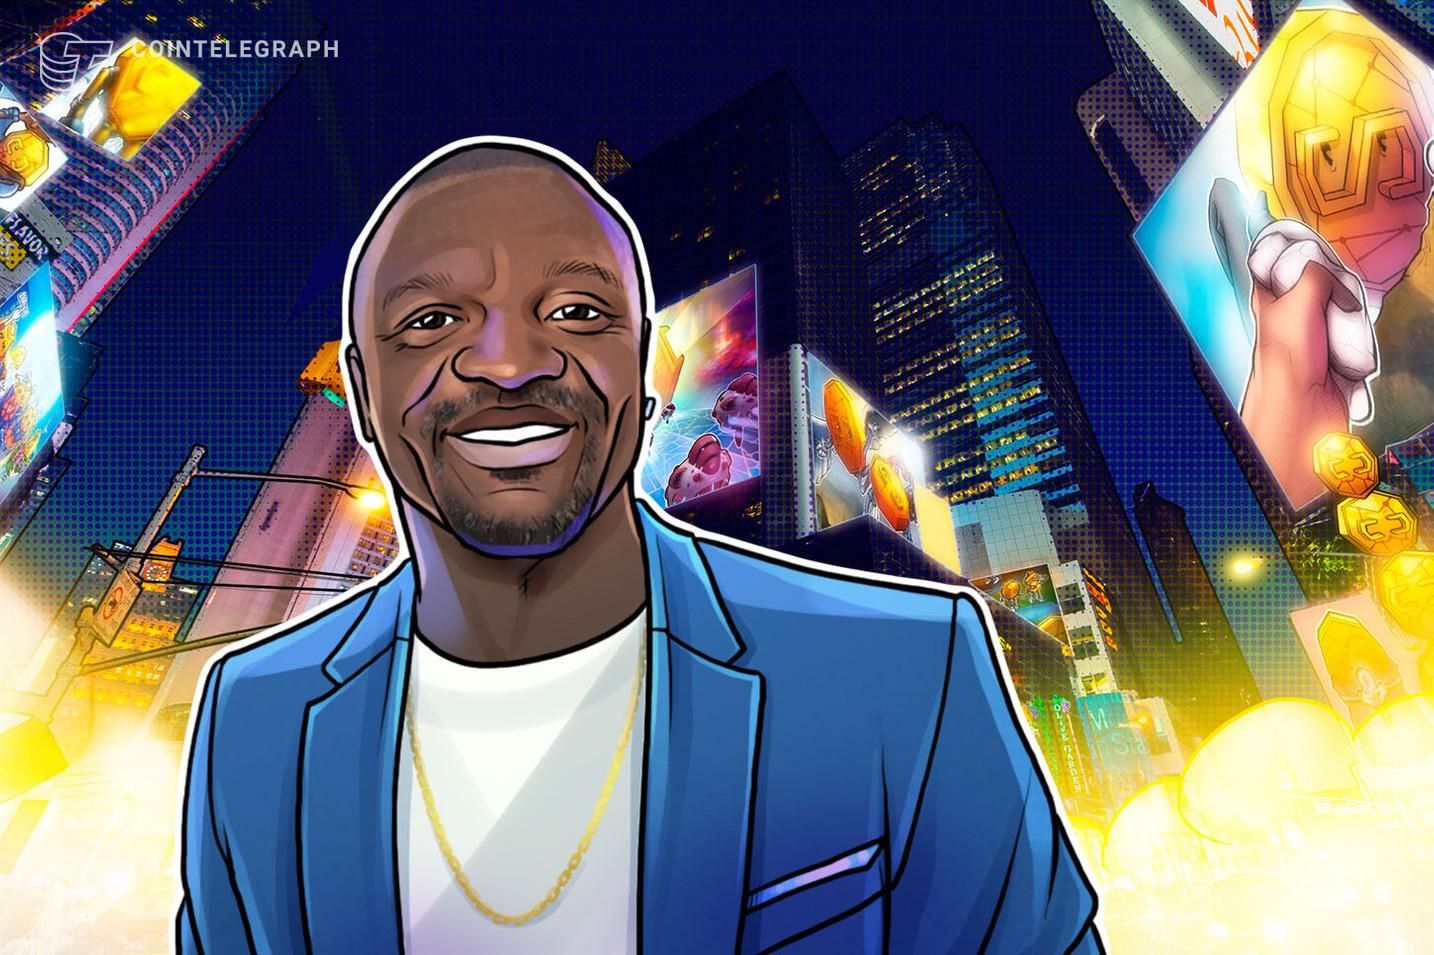 El cofundador de Akoin explica cómo funcionará Akon City, la ciudad futurista de USD 6,000 millones